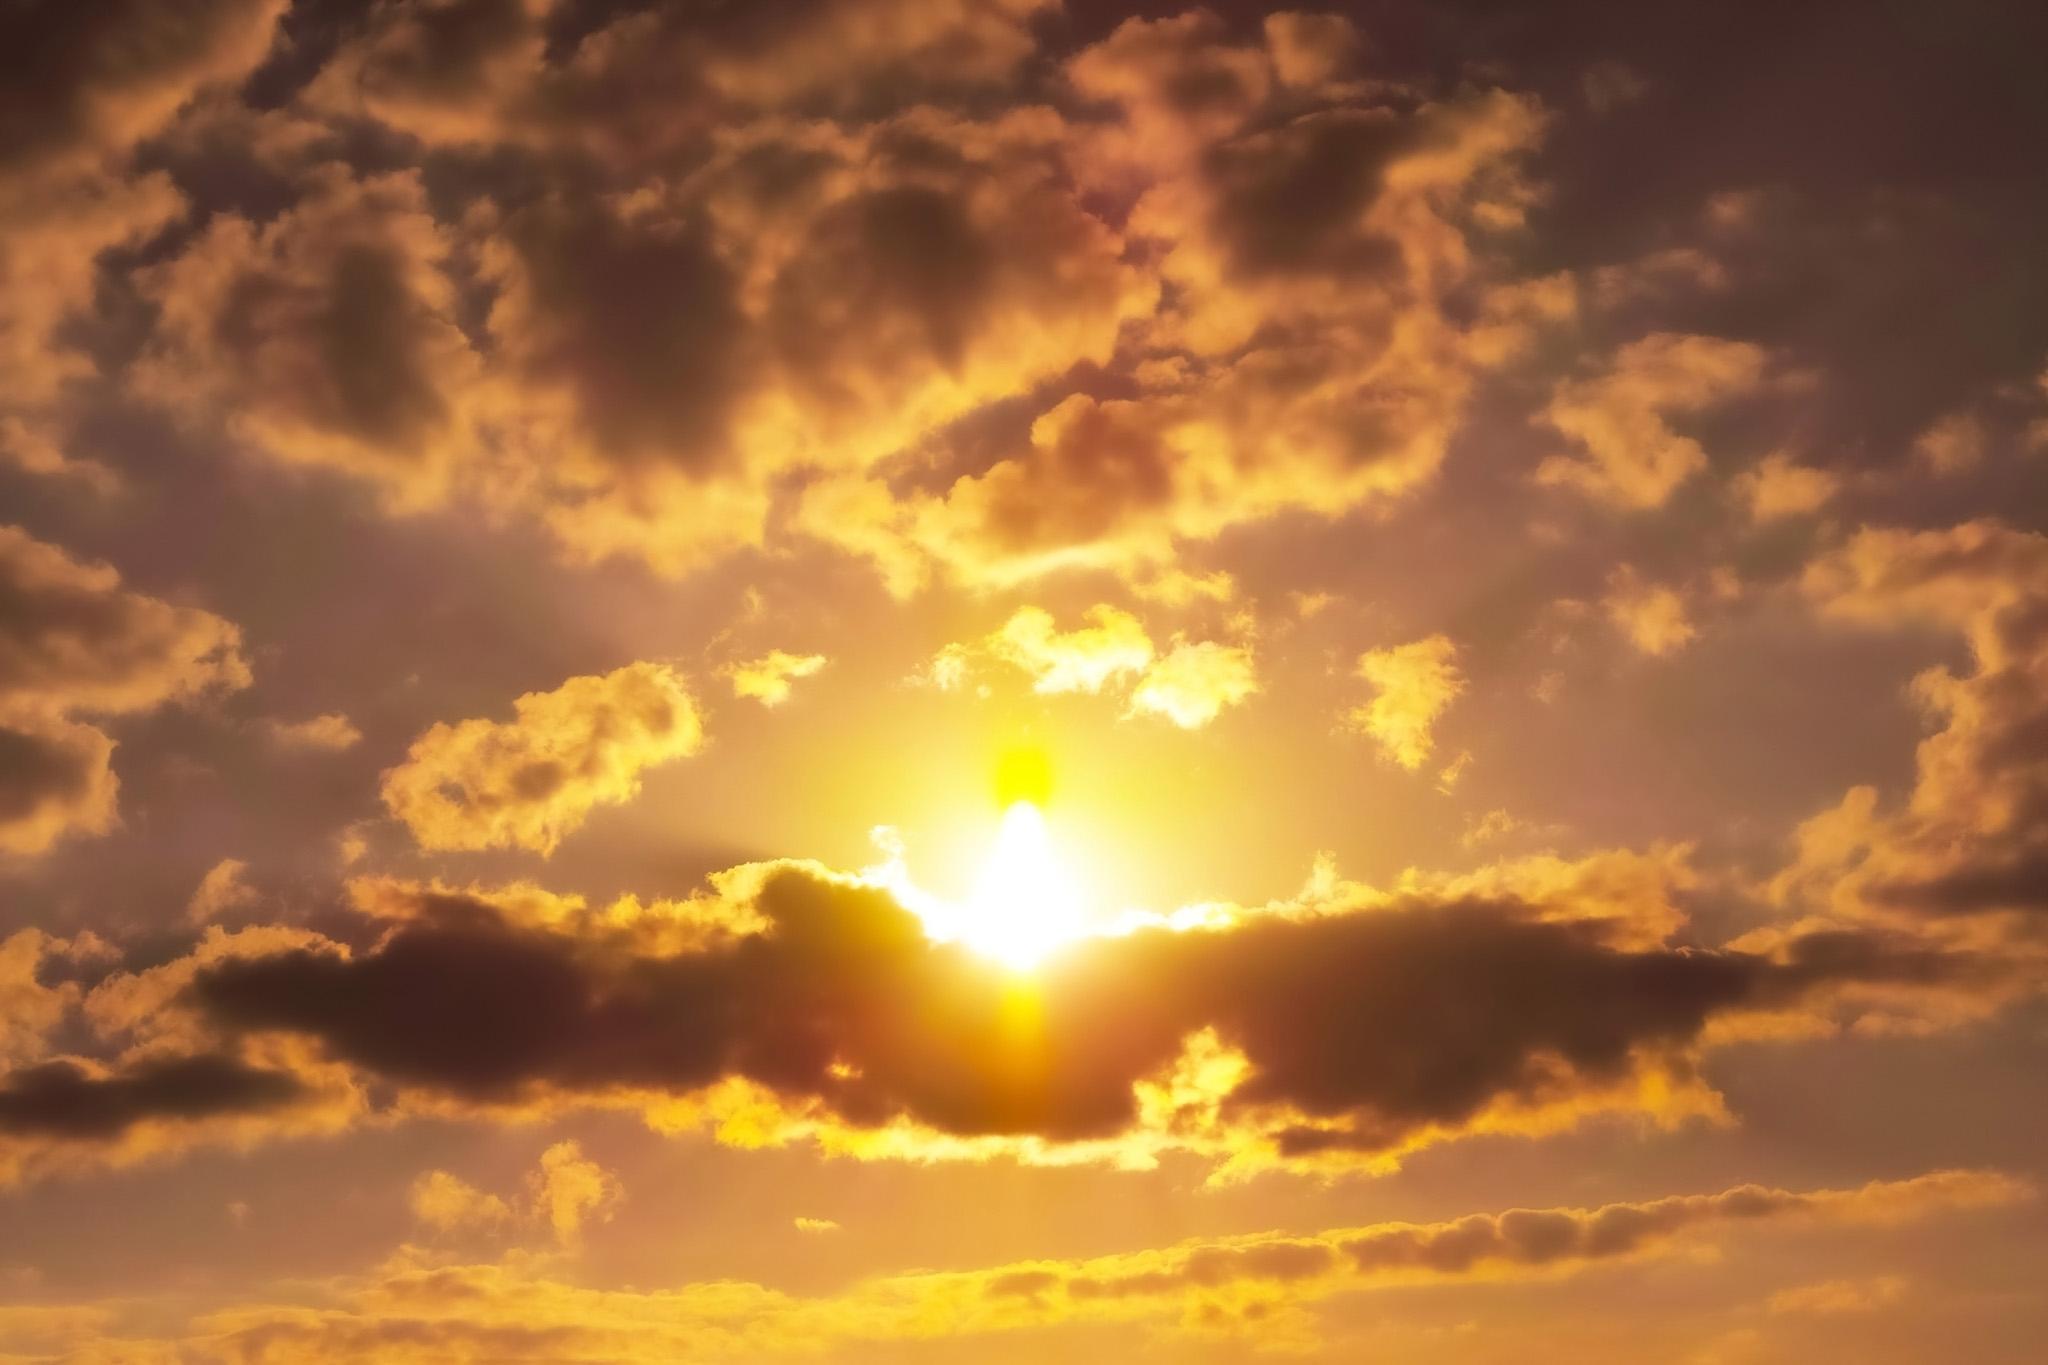 「雲を焦がす夕焼けの太陽」